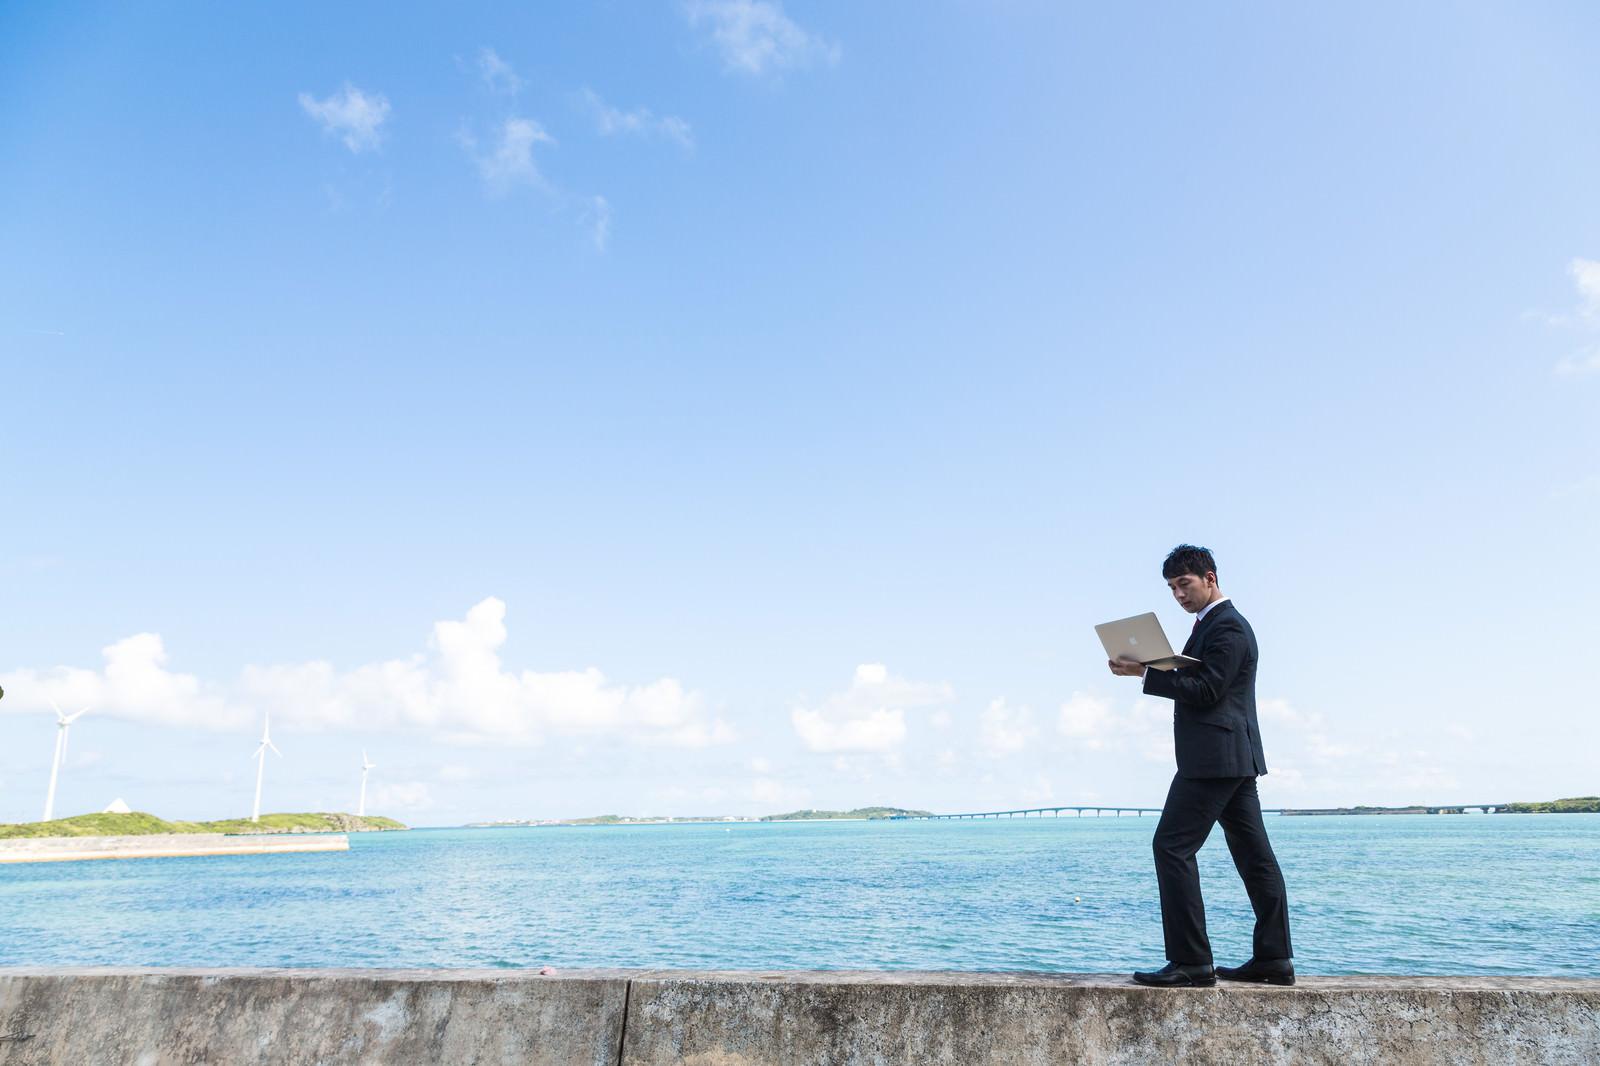 「南の島で電波を求めて歩くポケットWi-Fiトラベラー」の写真[モデル:大川竜弥]